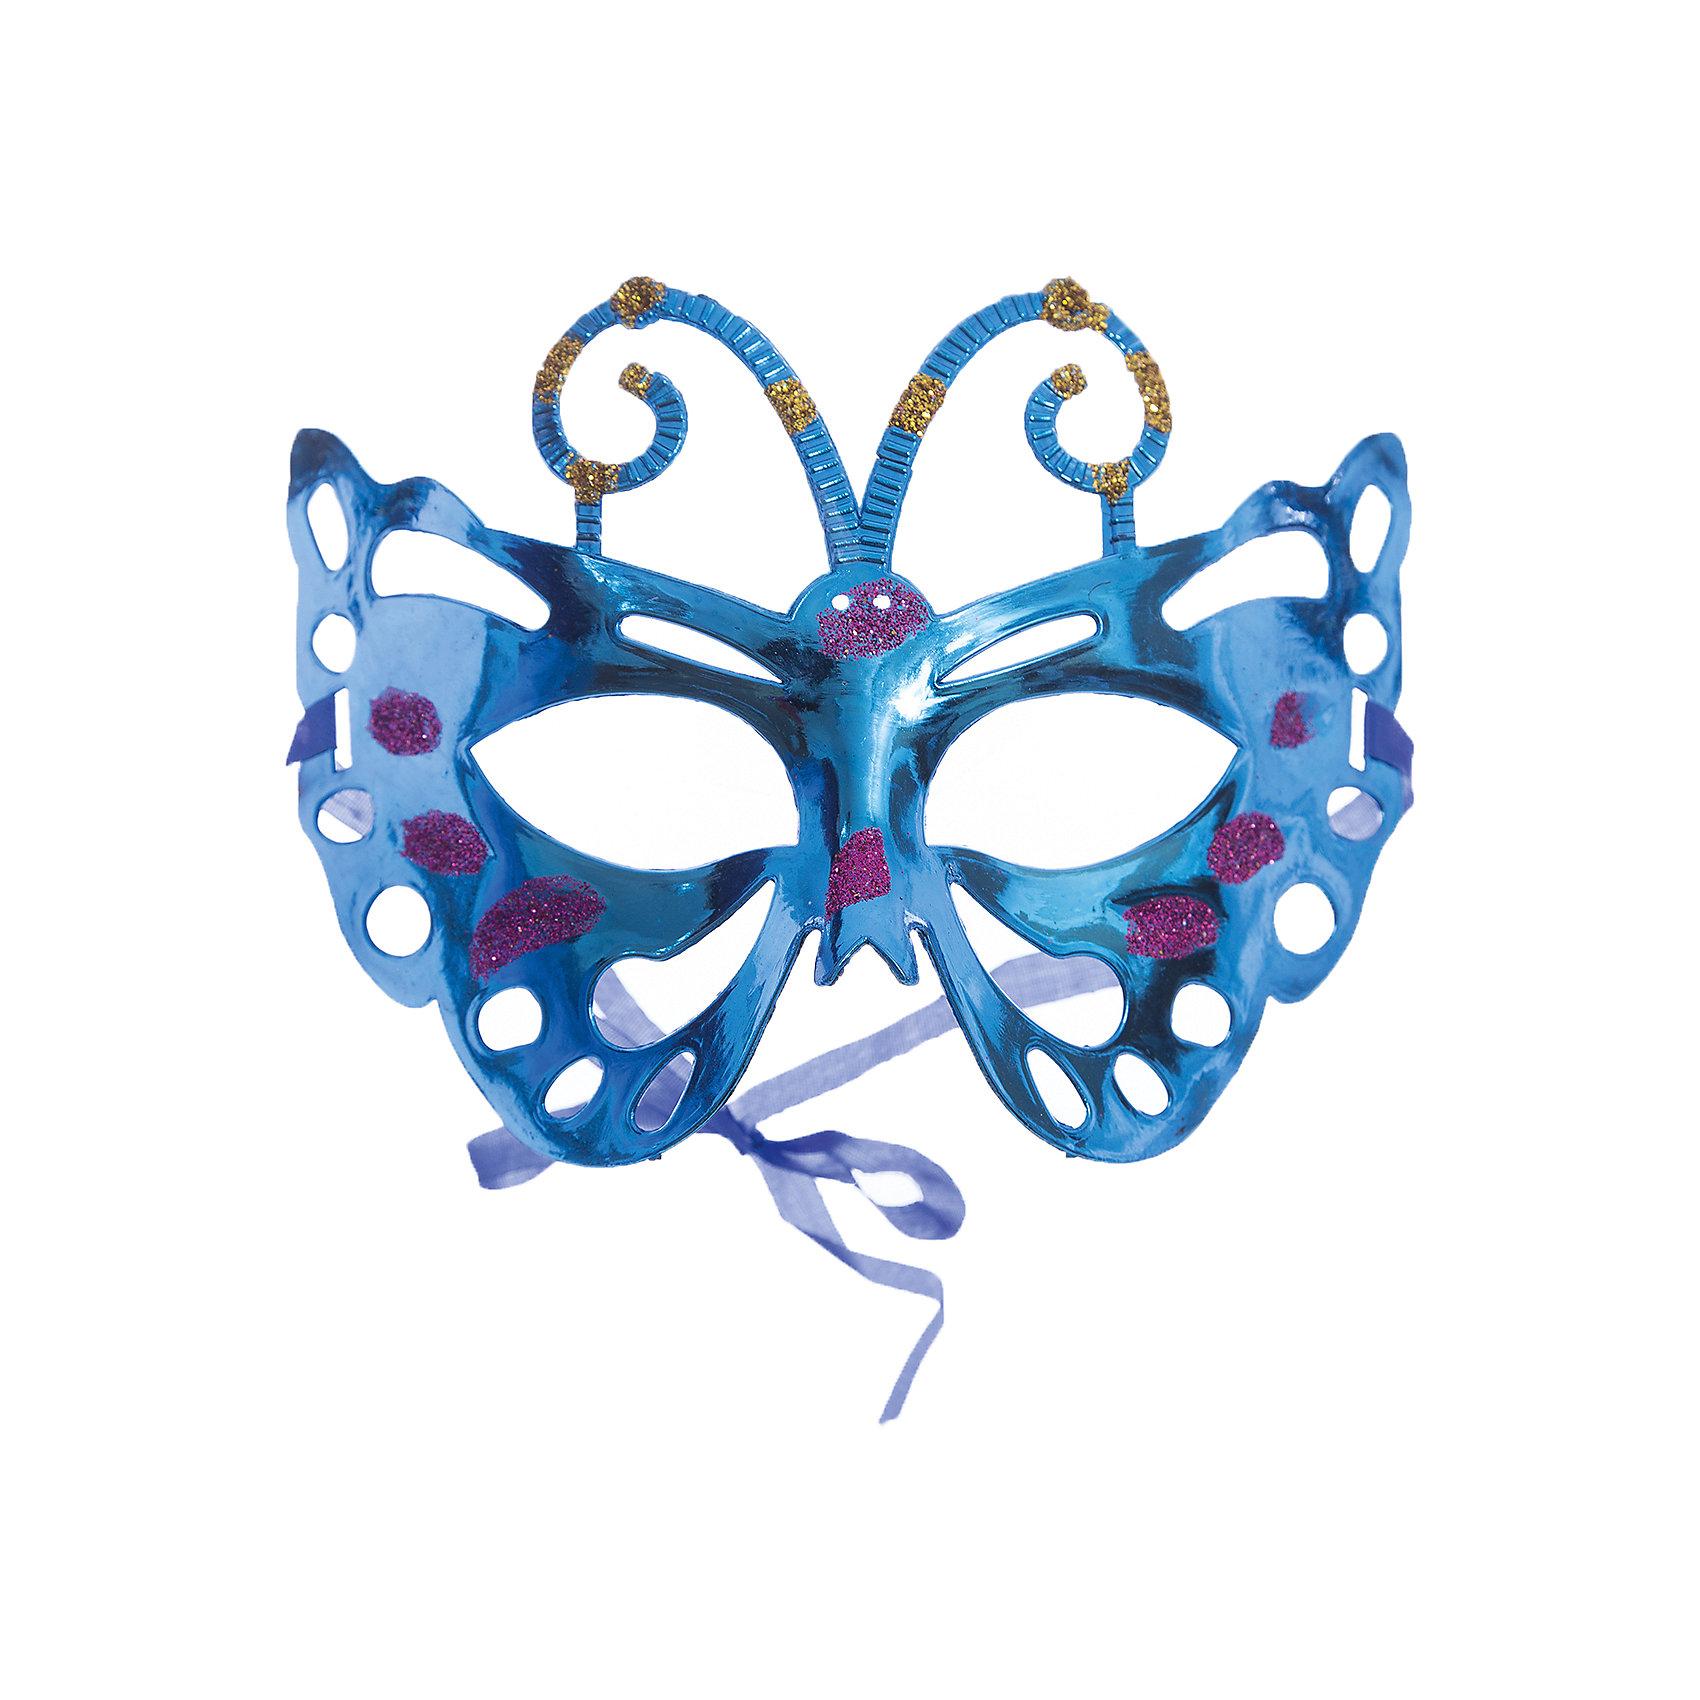 Маскарадная маска СиняяКарнавальные костюмы и аксессуары<br>Маскарадная маска - отличный новогодний аксессуар! Блестящая маска подойдет к любому наряду и эффектно дополнит праздничный образ. <br><br>Дополнительная информация:<br><br>- Материал: ПВХ. <br>- Размер: 22х14 см.<br>- Крепится с помощью атласной ленты. <br><br>Маскарадную маску Синюю можно купить в нашем магазине.<br><br>Ширина мм: 220<br>Глубина мм: 130<br>Высота мм: 10<br>Вес г: 28<br>Возраст от месяцев: 36<br>Возраст до месяцев: 2147483647<br>Пол: Унисекс<br>Возраст: Детский<br>SKU: 4981301